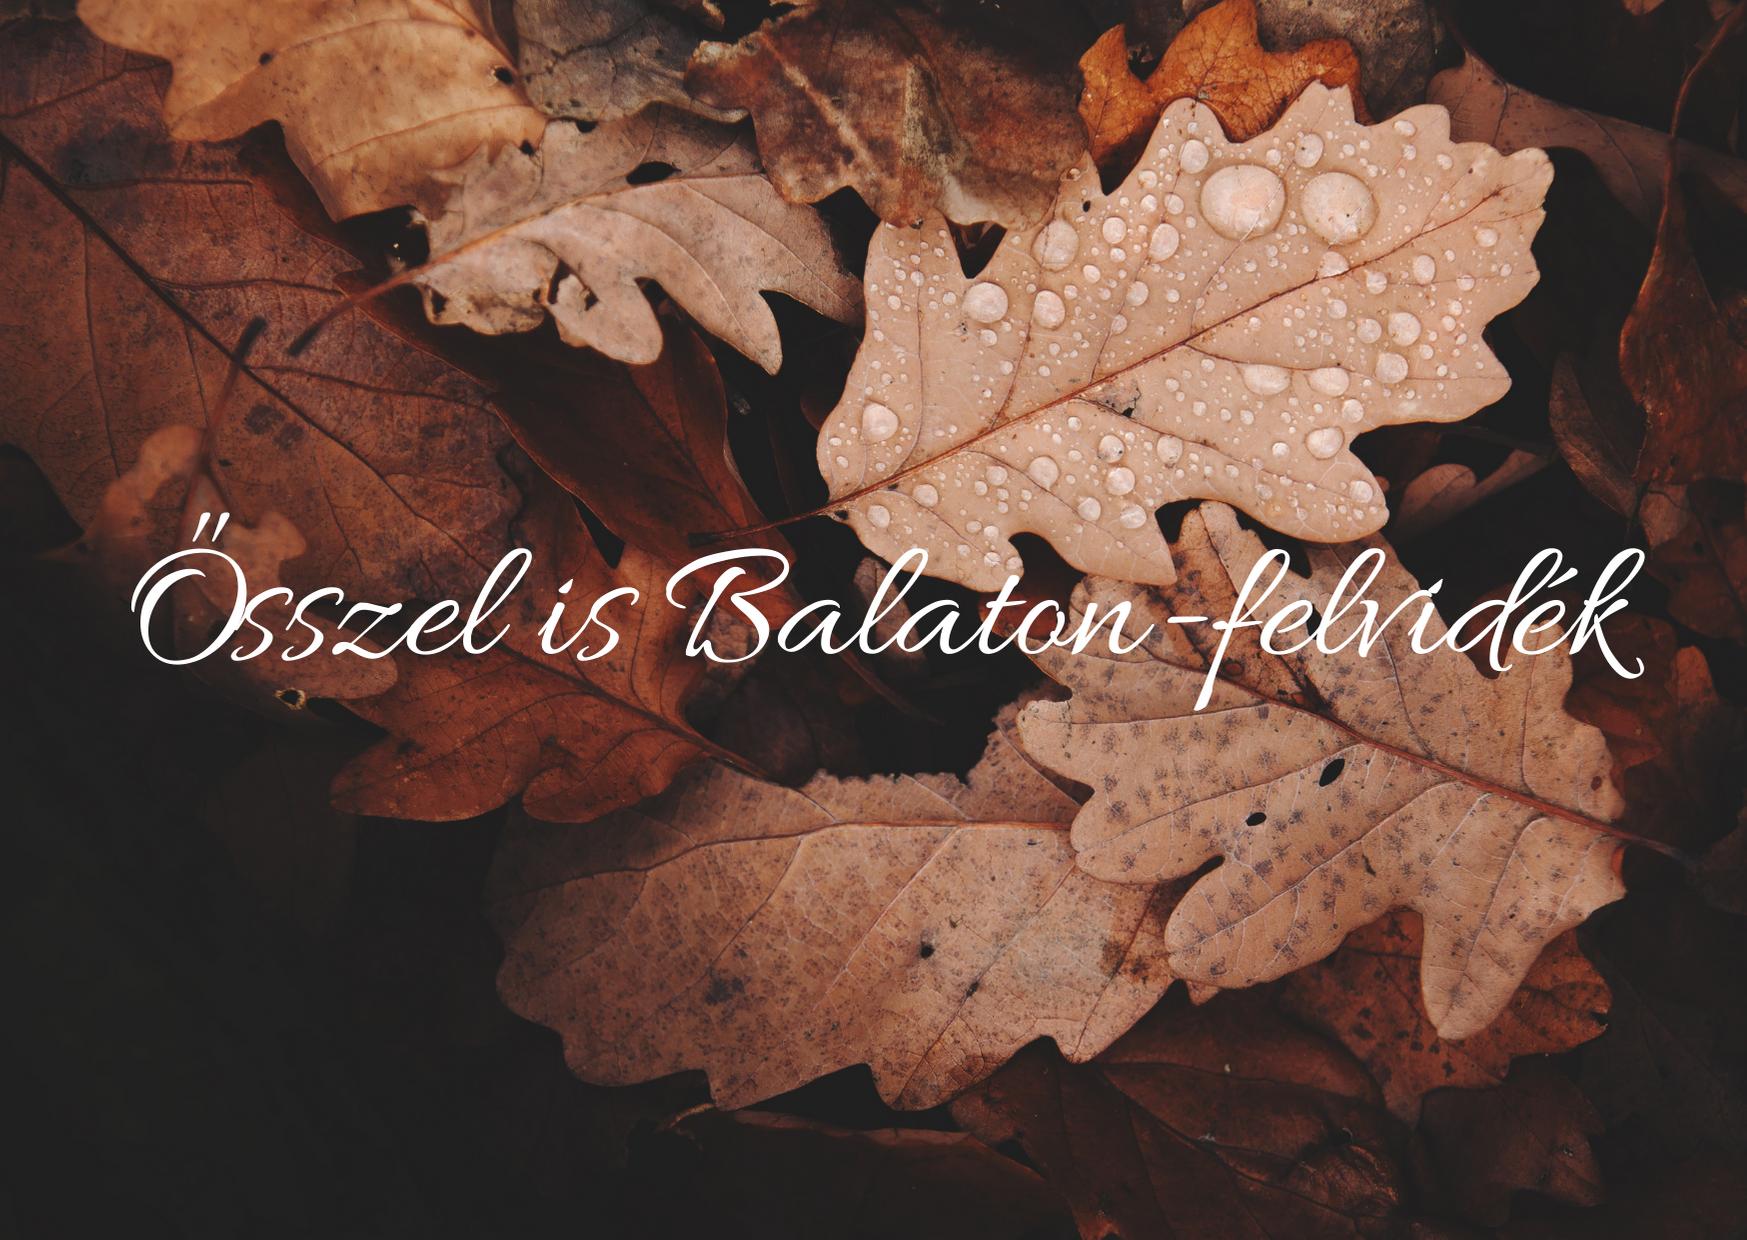 Ősszel is a Balaton-felvidék